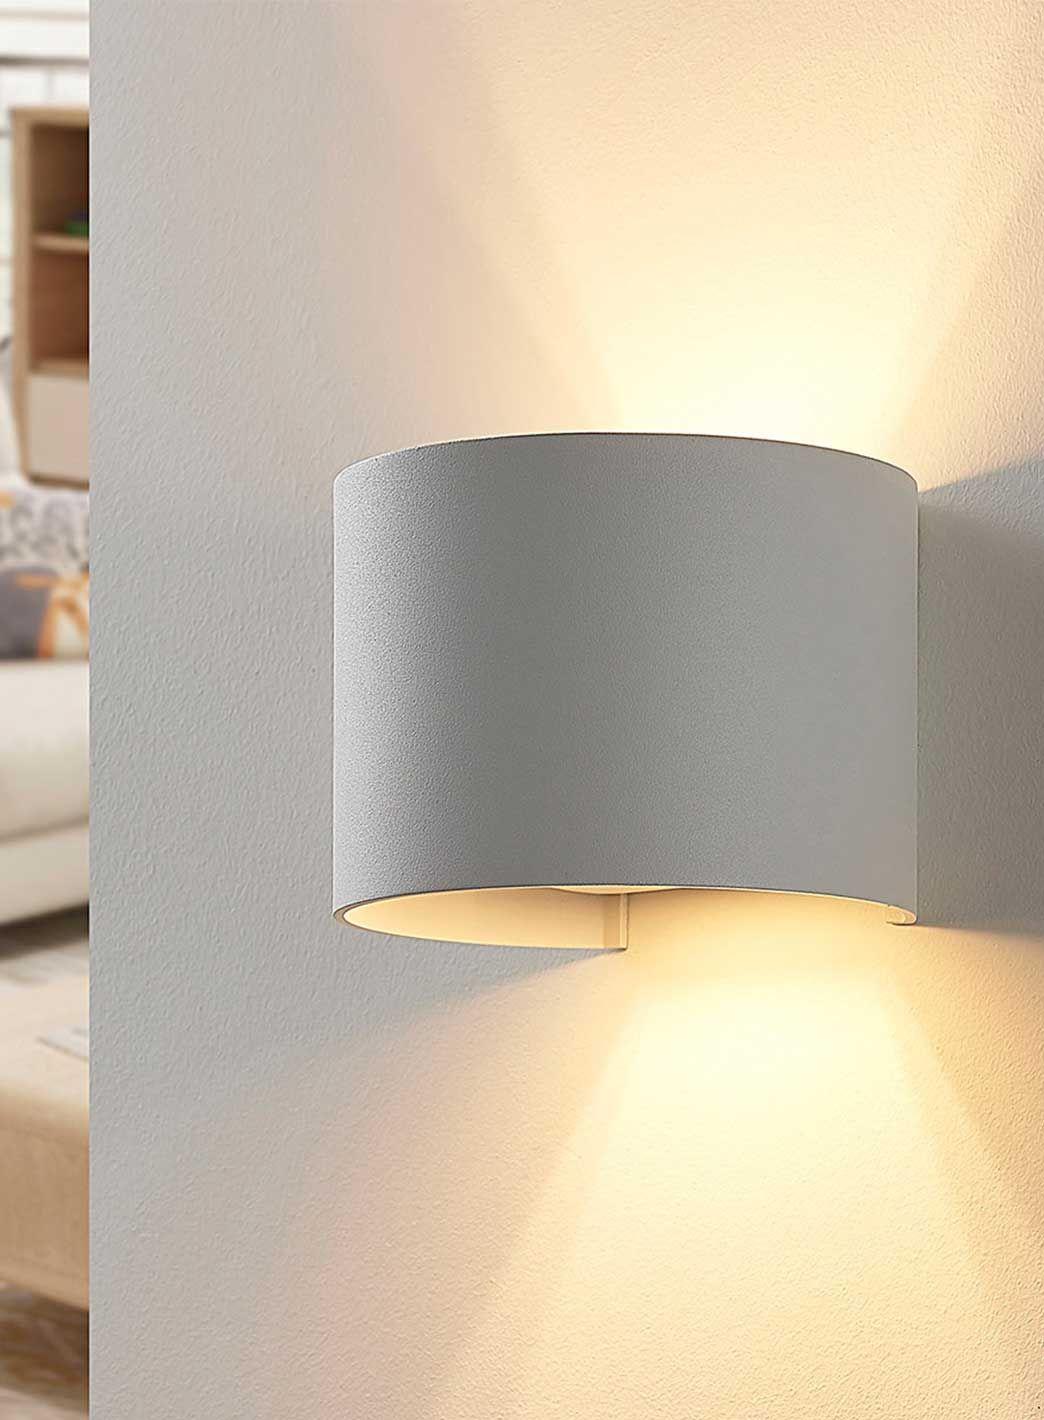 De 34 beste bildene for Belysning   Vegglampe, Lamper